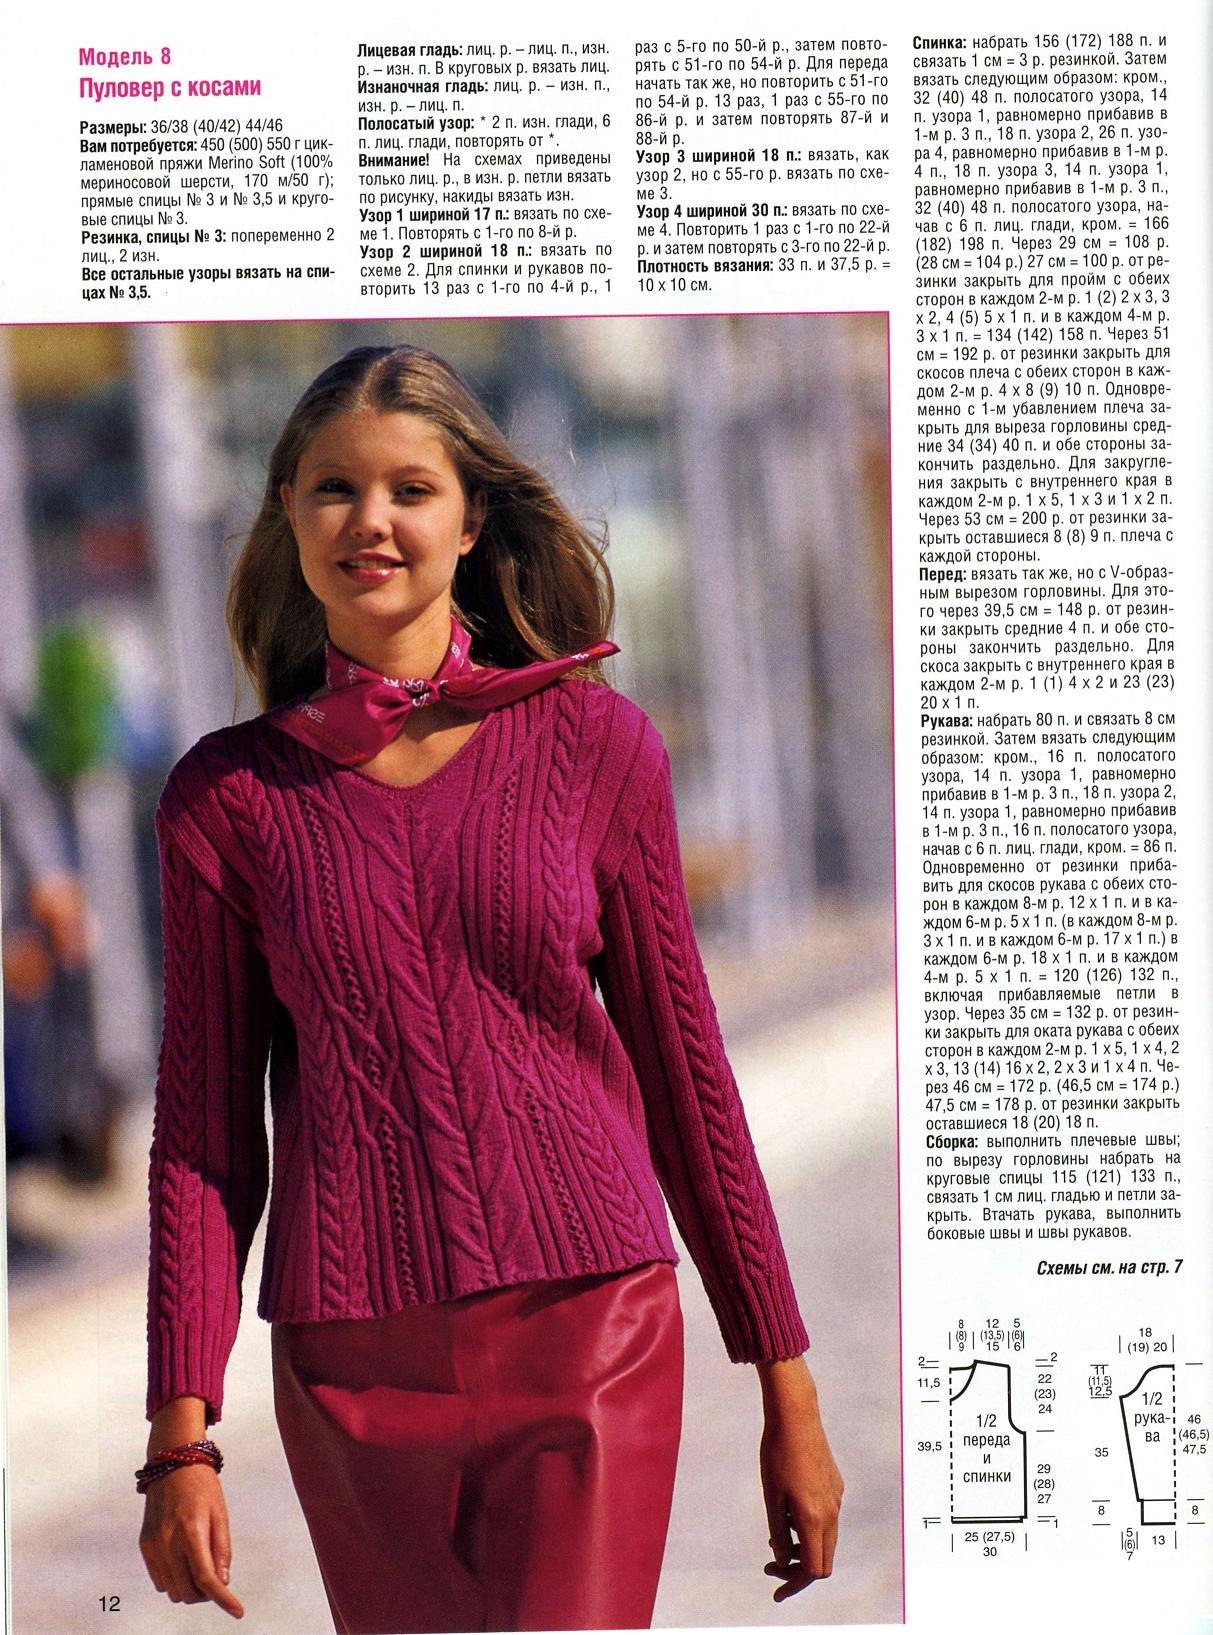 Пуловер С Косами Женский Доставка